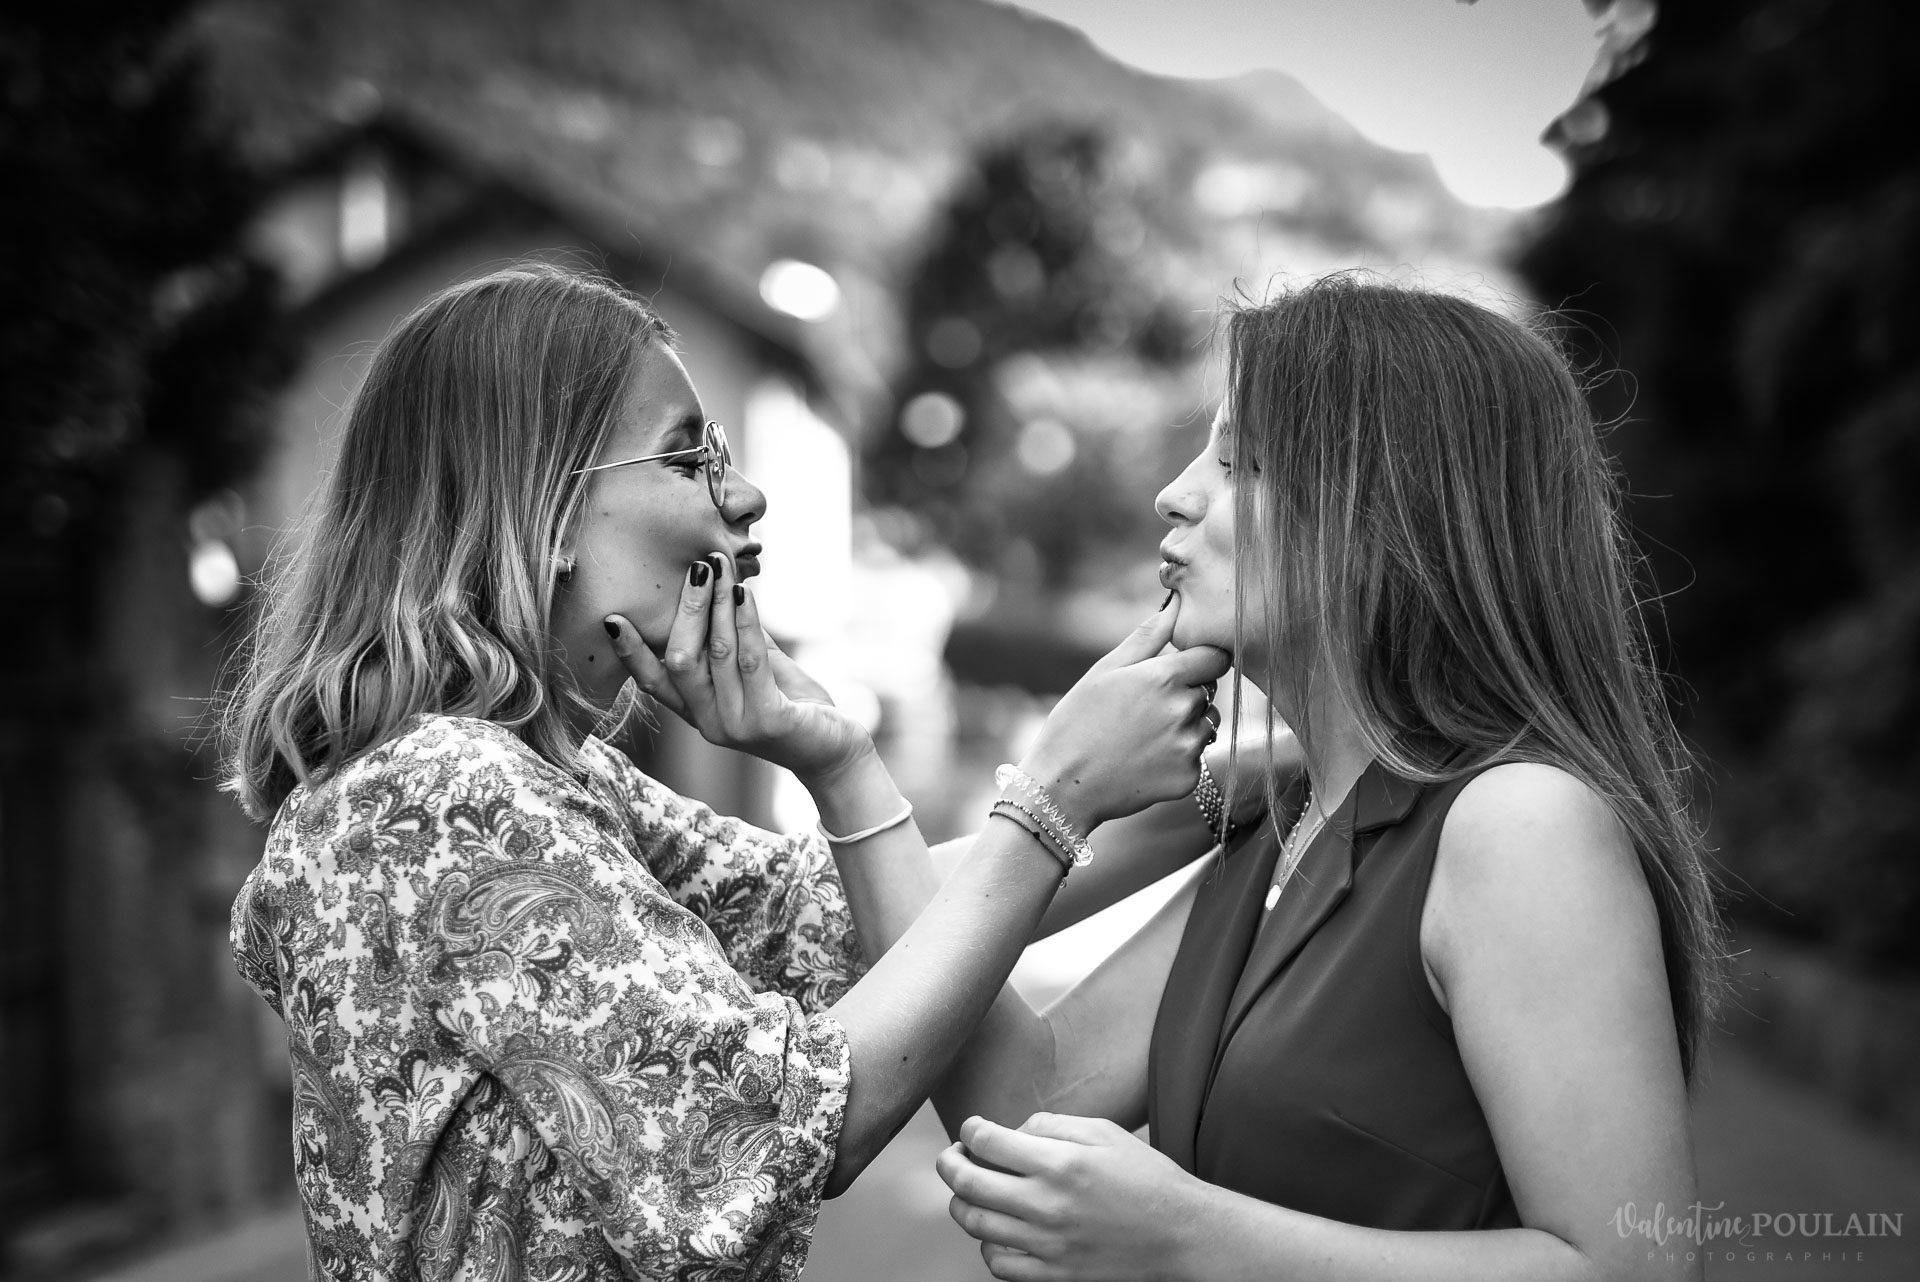 Shooting soeurs Italie - Valentine Poulain grimace